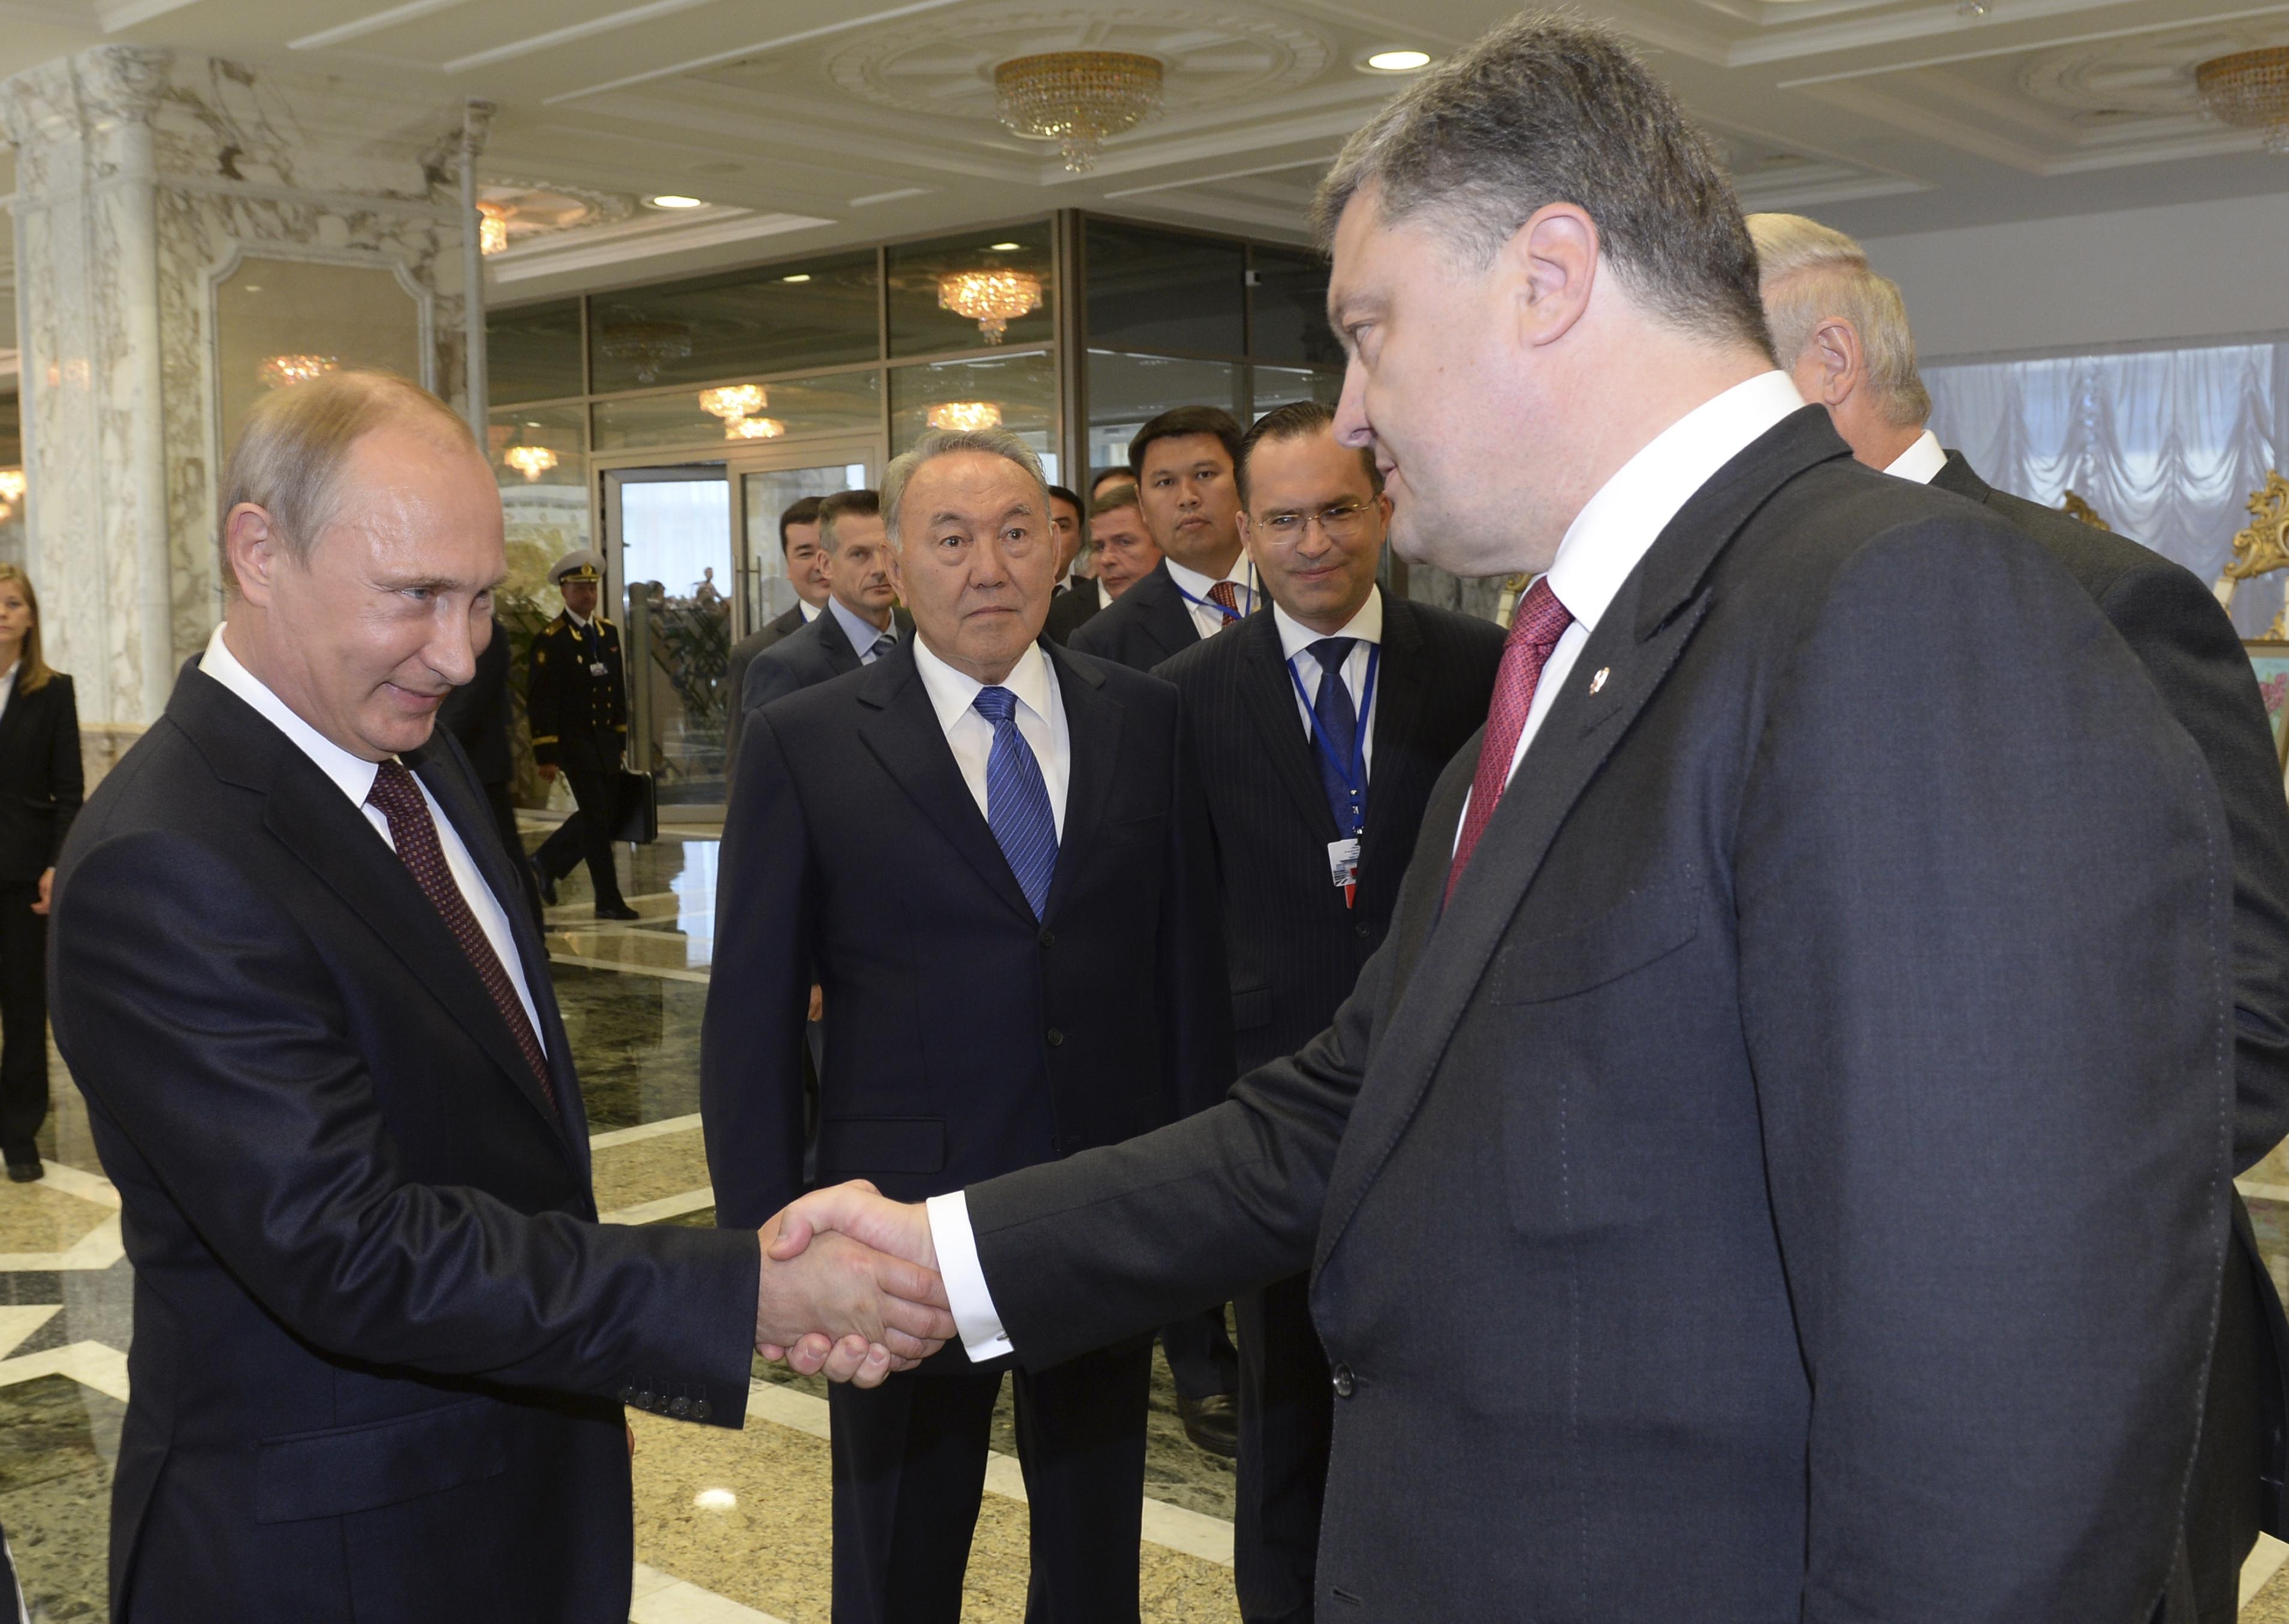 Порошенко рассказал, чего ждет от вооруженной полицейской миссии ОБСЕ в случае ее введения на Донбасс - Цензор.НЕТ 3172